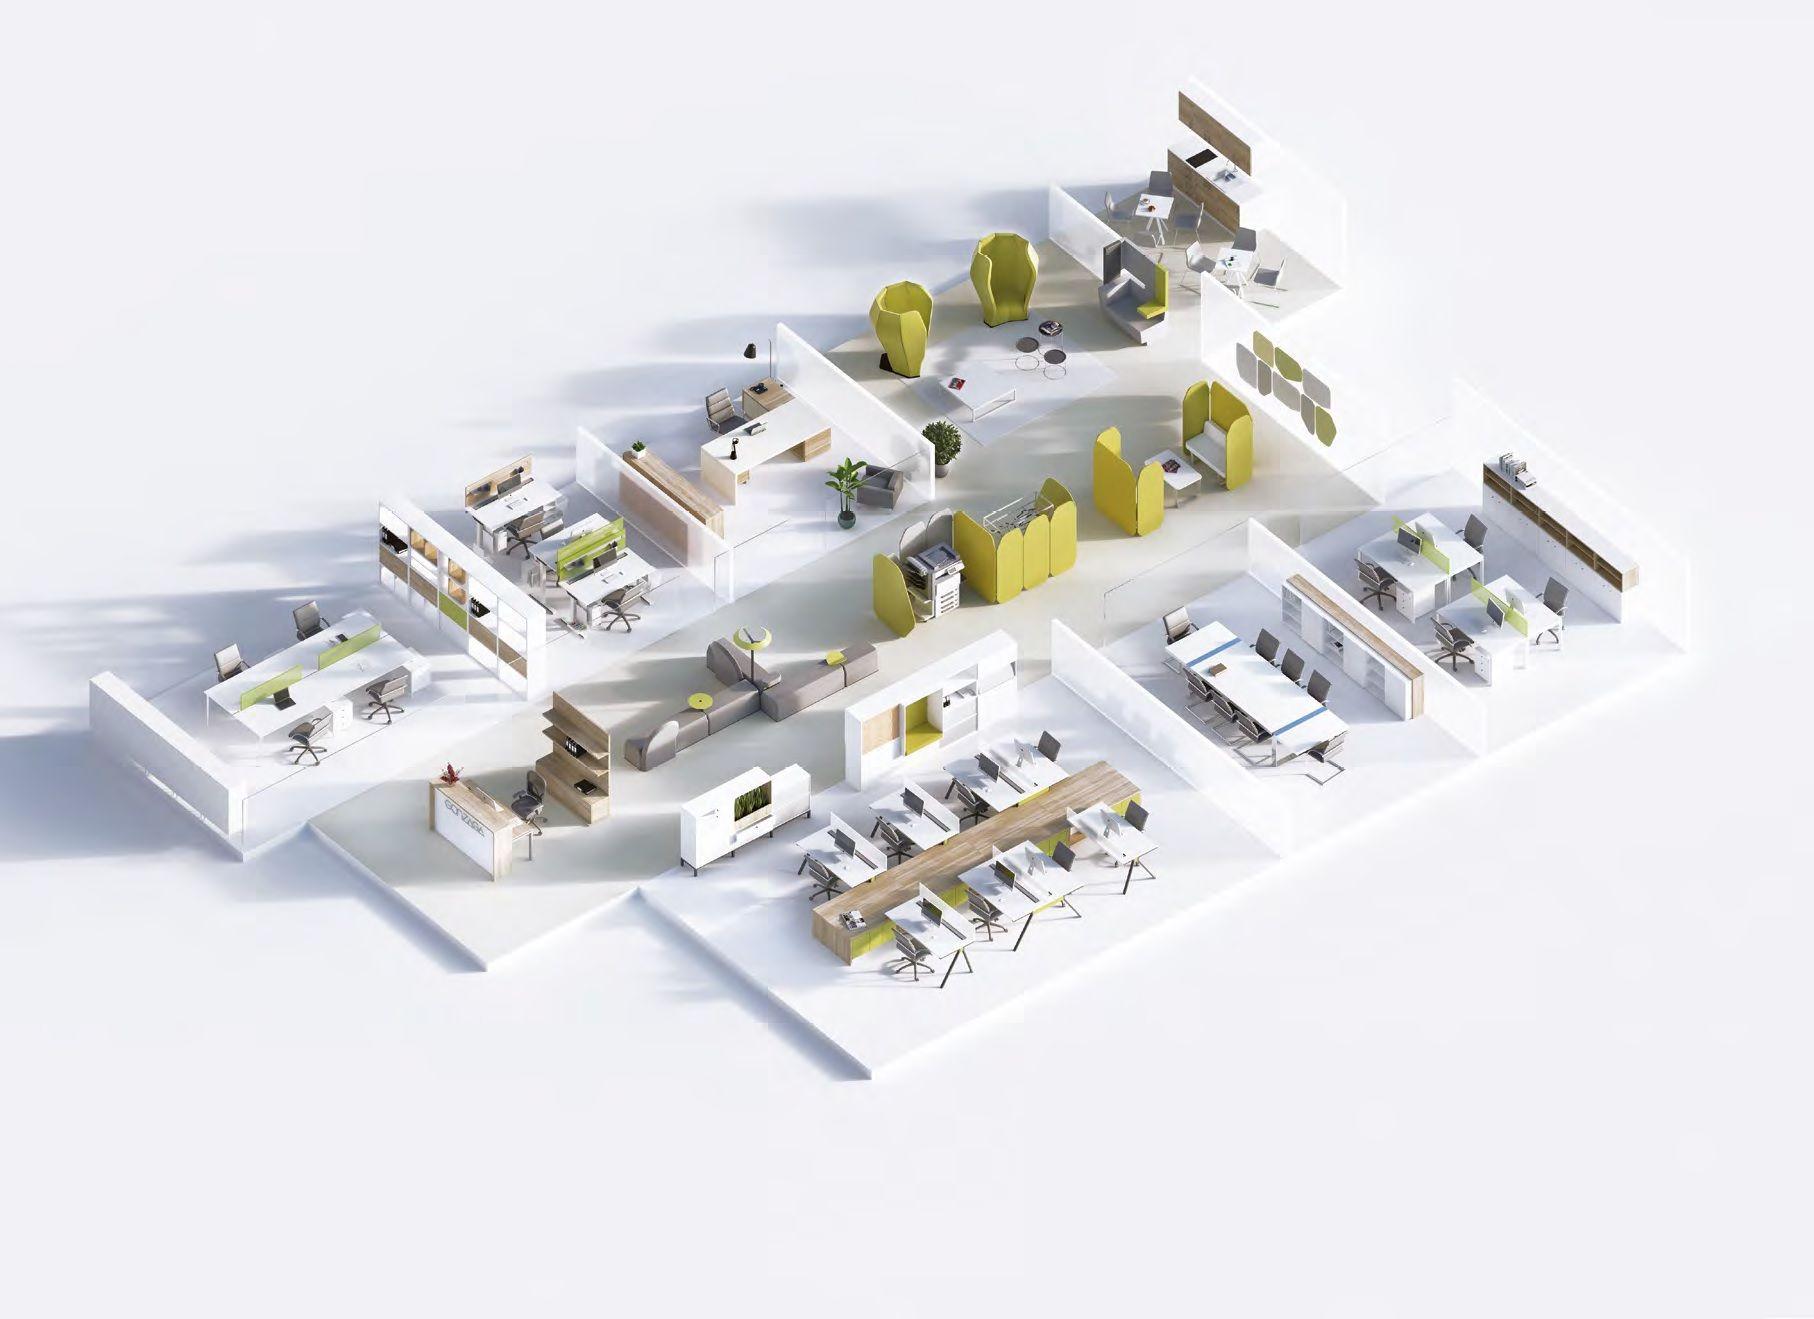 Büromöbel für Grossraum Augsburg | Grossraumbüros | Pinterest | Augsburg